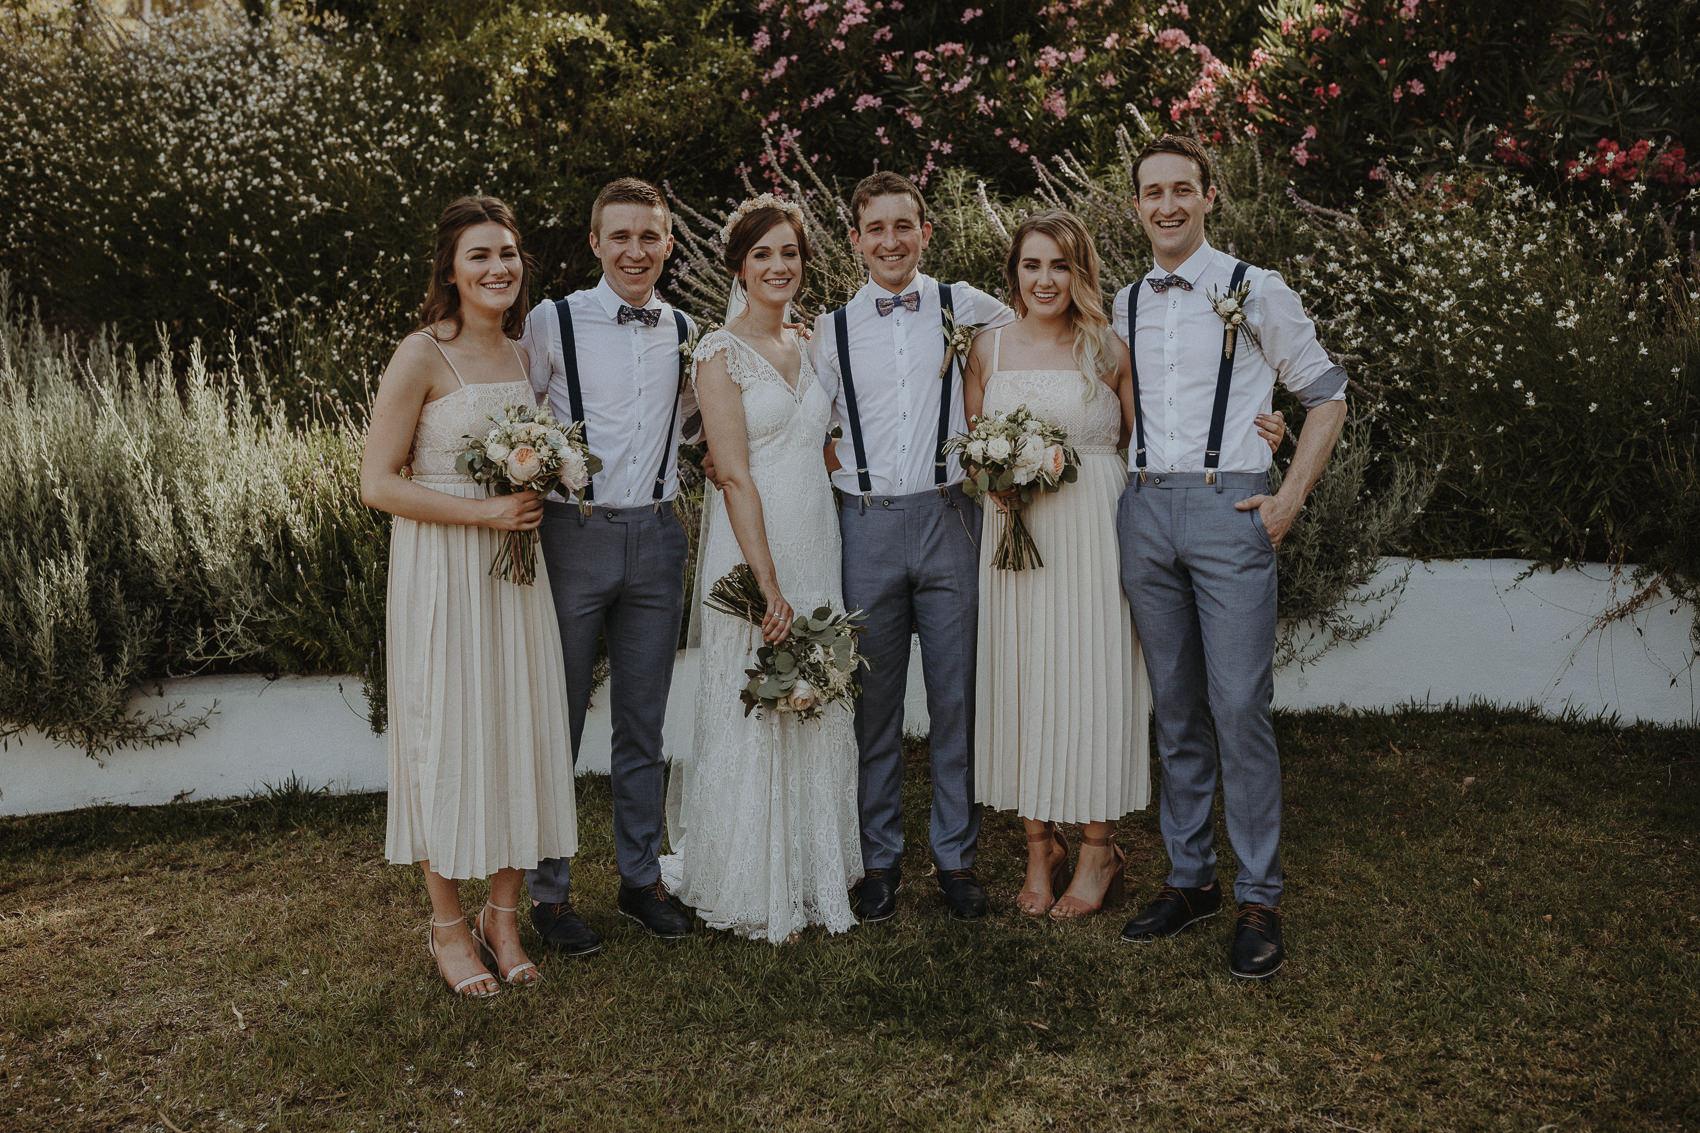 Sarah & Bill | Summer wedding at Cortijo Rosa Blanca | Marbella - Spain 101